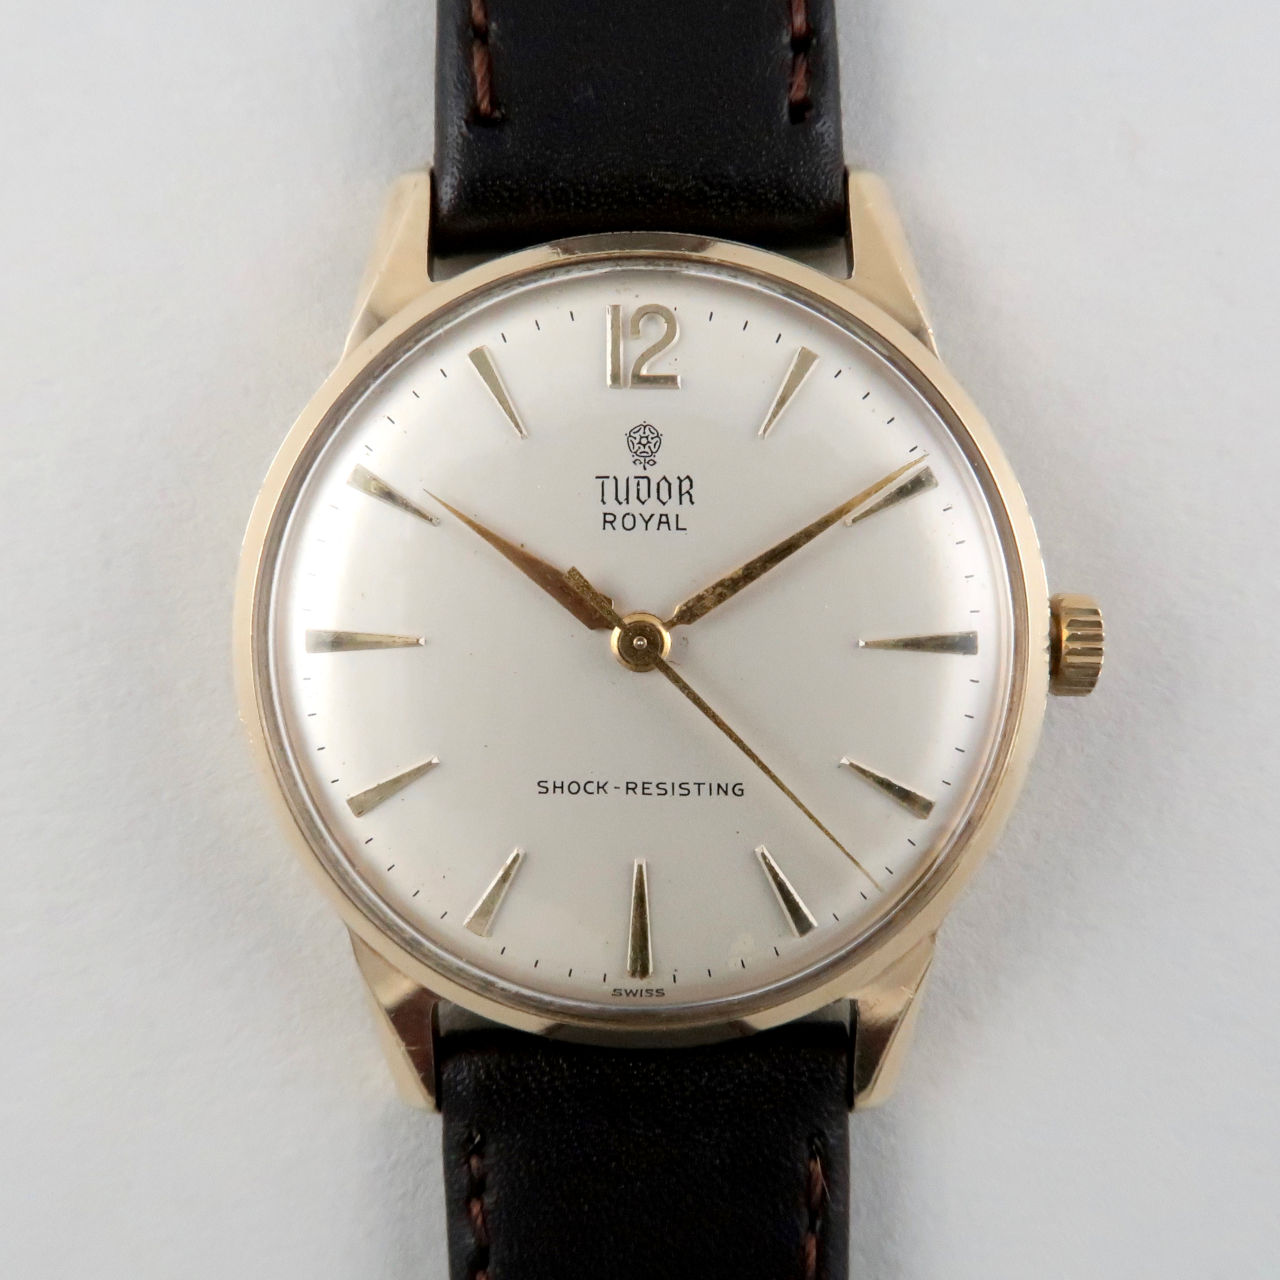 Tudor gold vintage wristwatch hallmarked 1962